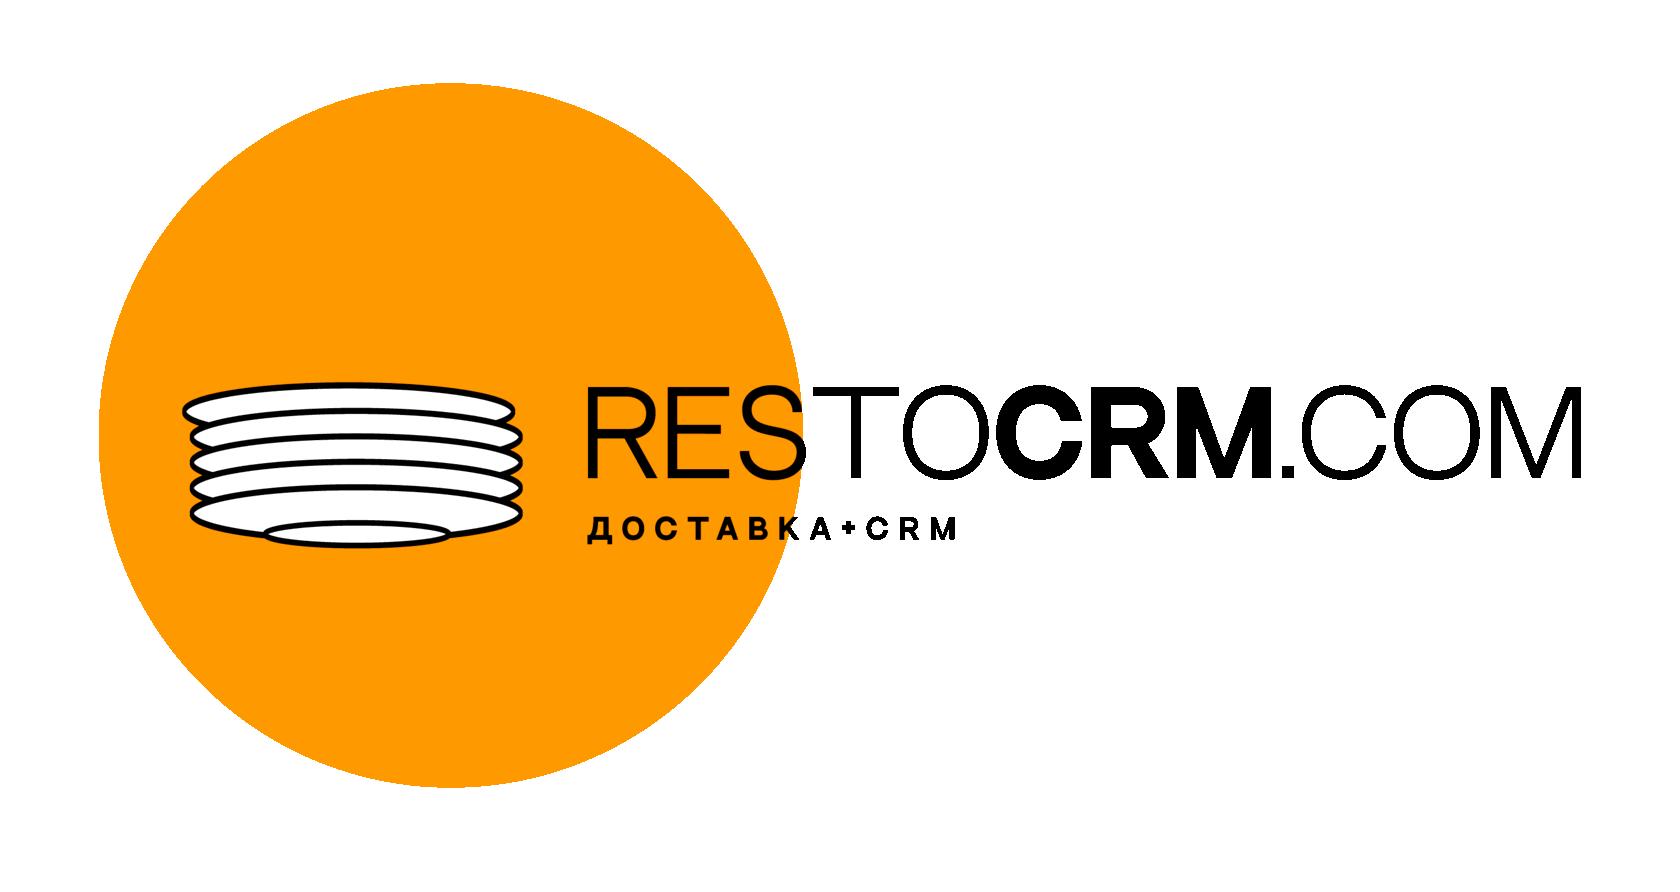 restocrm.com